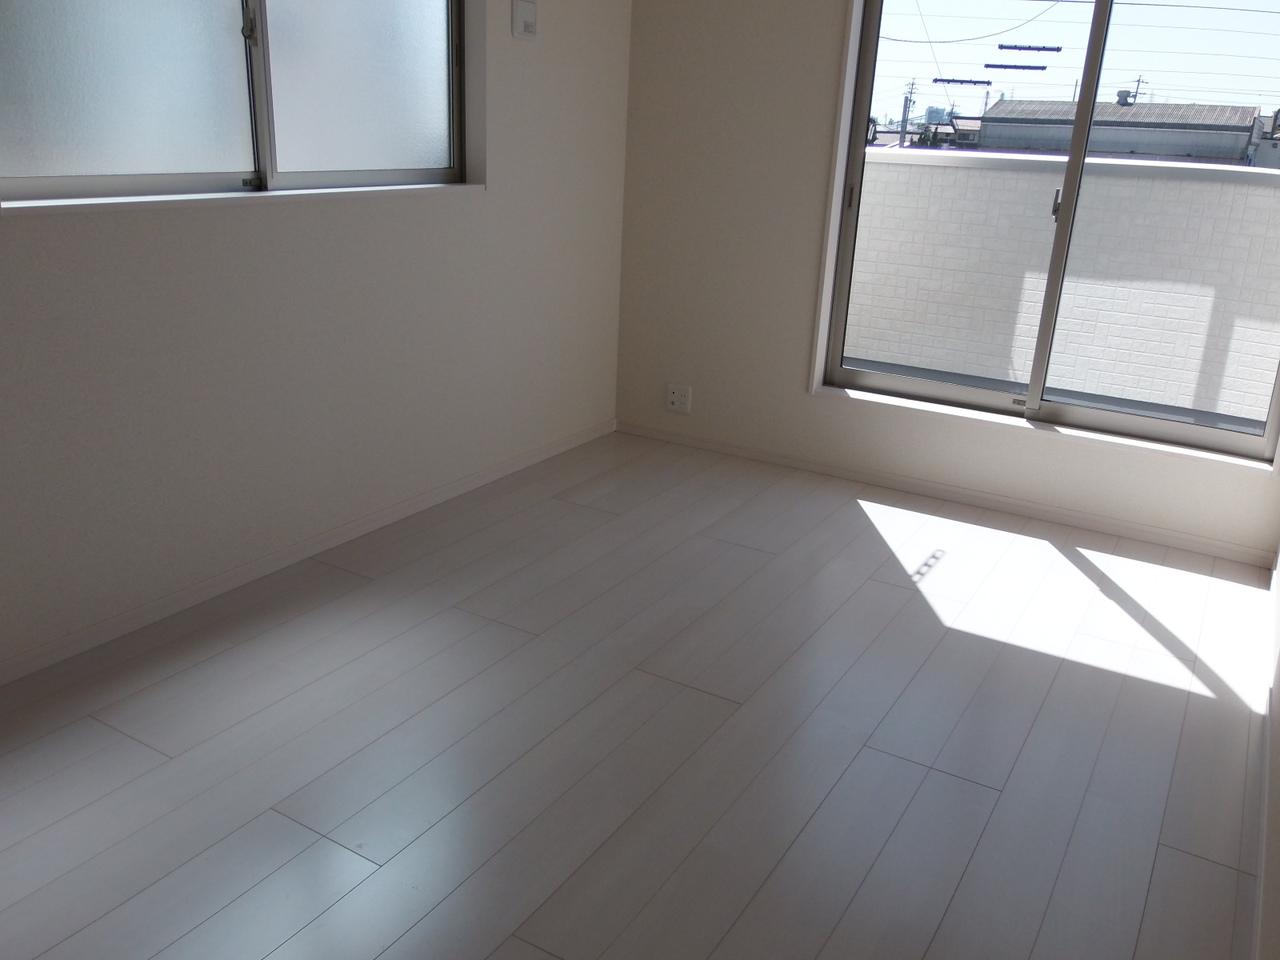 2階 7.5帖洋室 ルーフバルコニーに出入りができる居室です クローゼットが備わっています